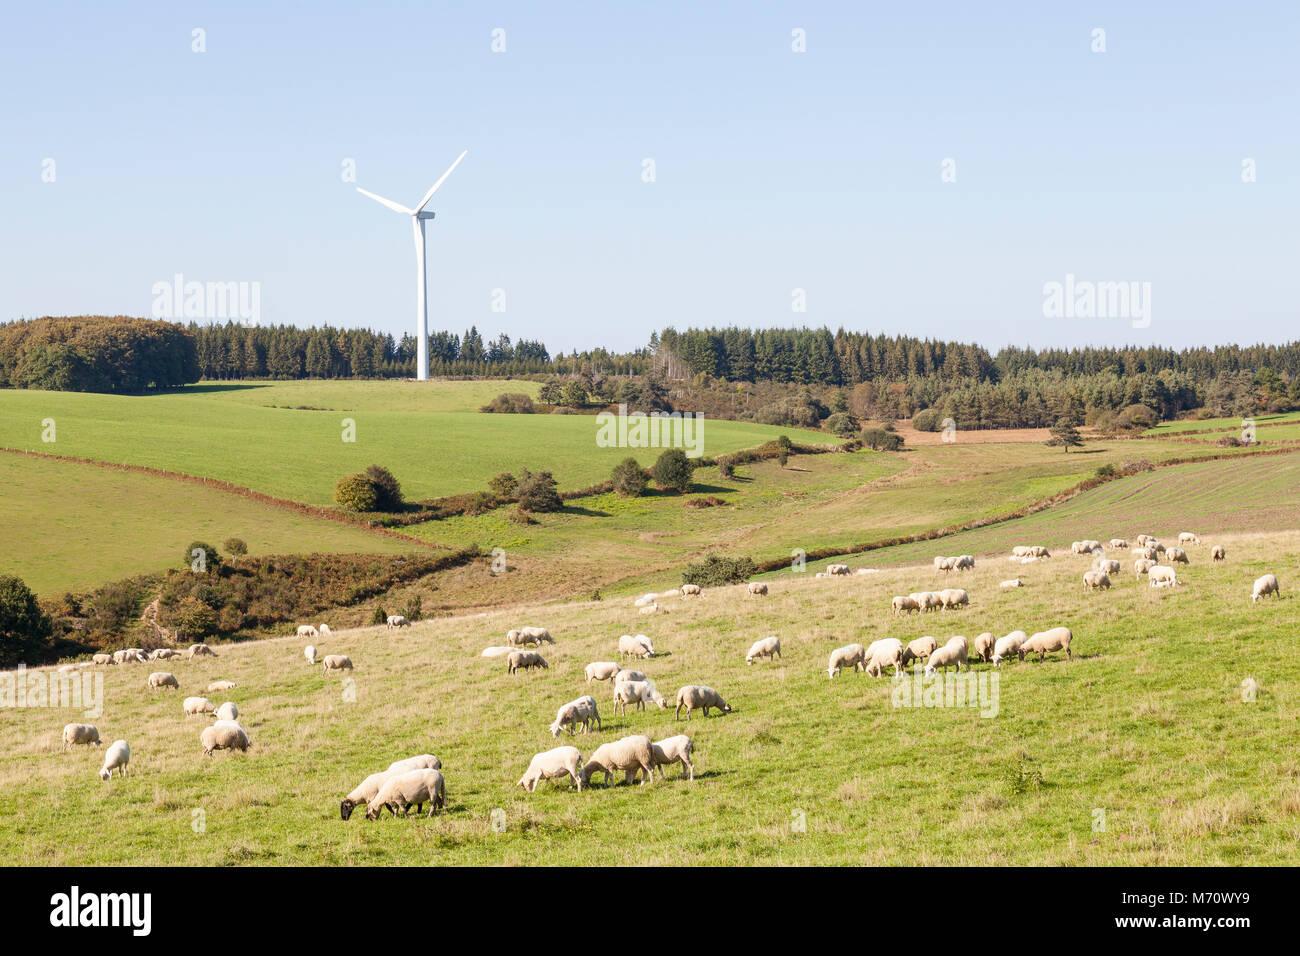 Troupeau de moutons près d'une éolienne dans la campagne boisée. L'utilisation durable des Photo Stock